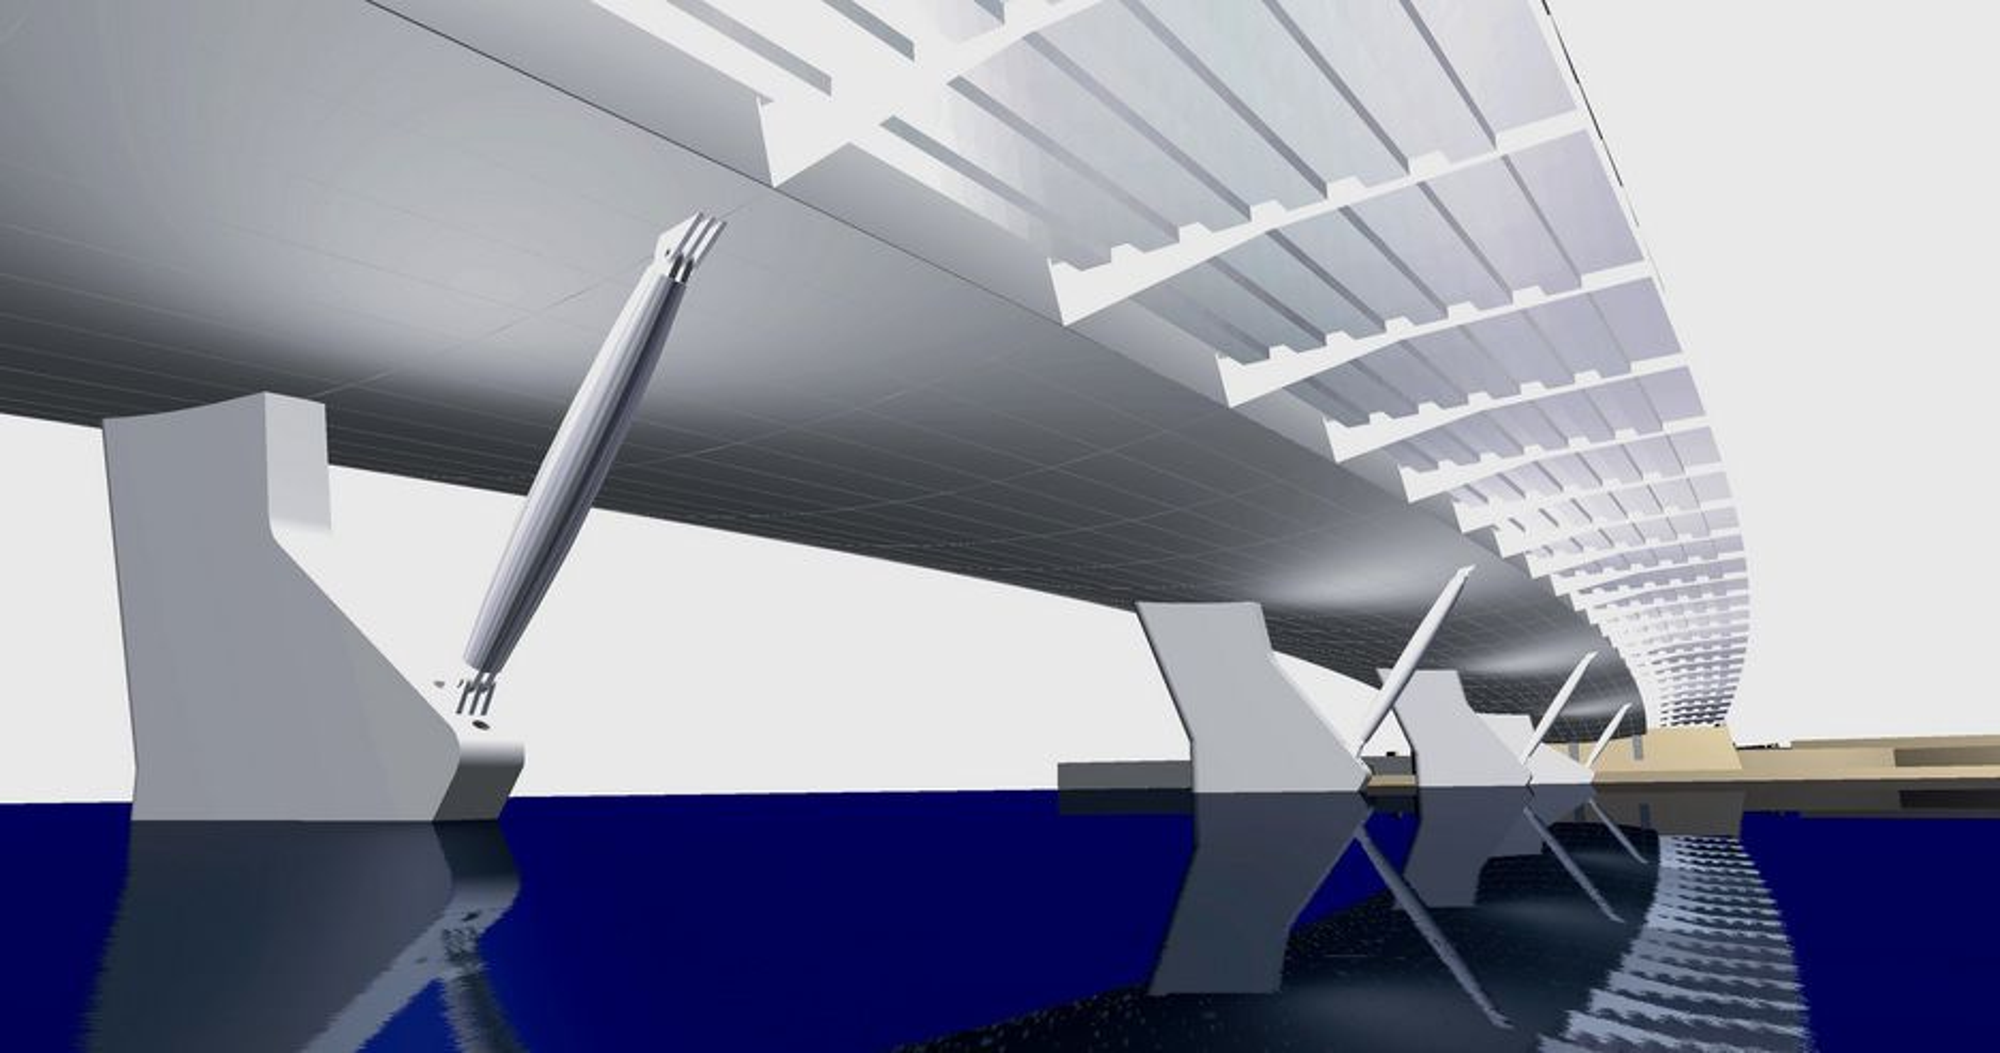 Øvre Sund bru er resultatet av en arkitektkonkurranse. Det er ikke aktuelt å gjøre forandringer på vinerutkastet. (Ill.: BFS Arkitekter)